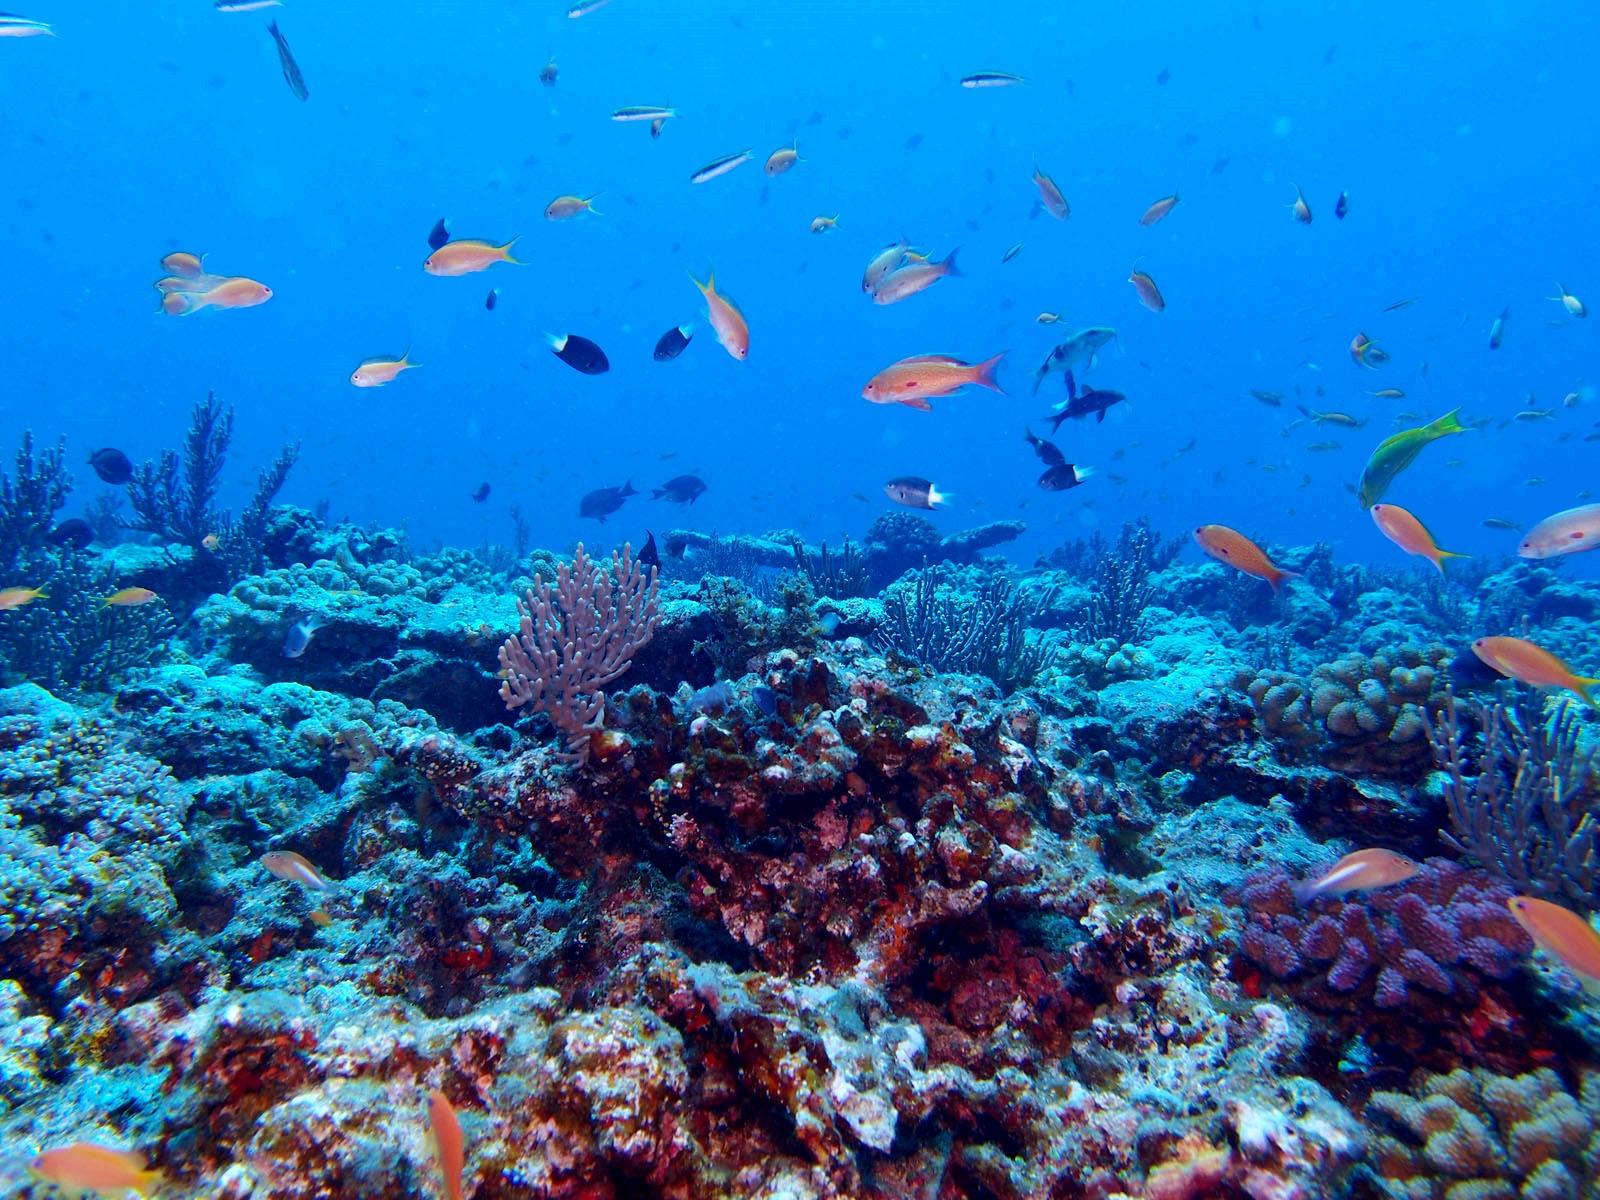 沖繩-潛水-浮潛-久米島-推薦-Okinawa-scuba-diving-snorkeling